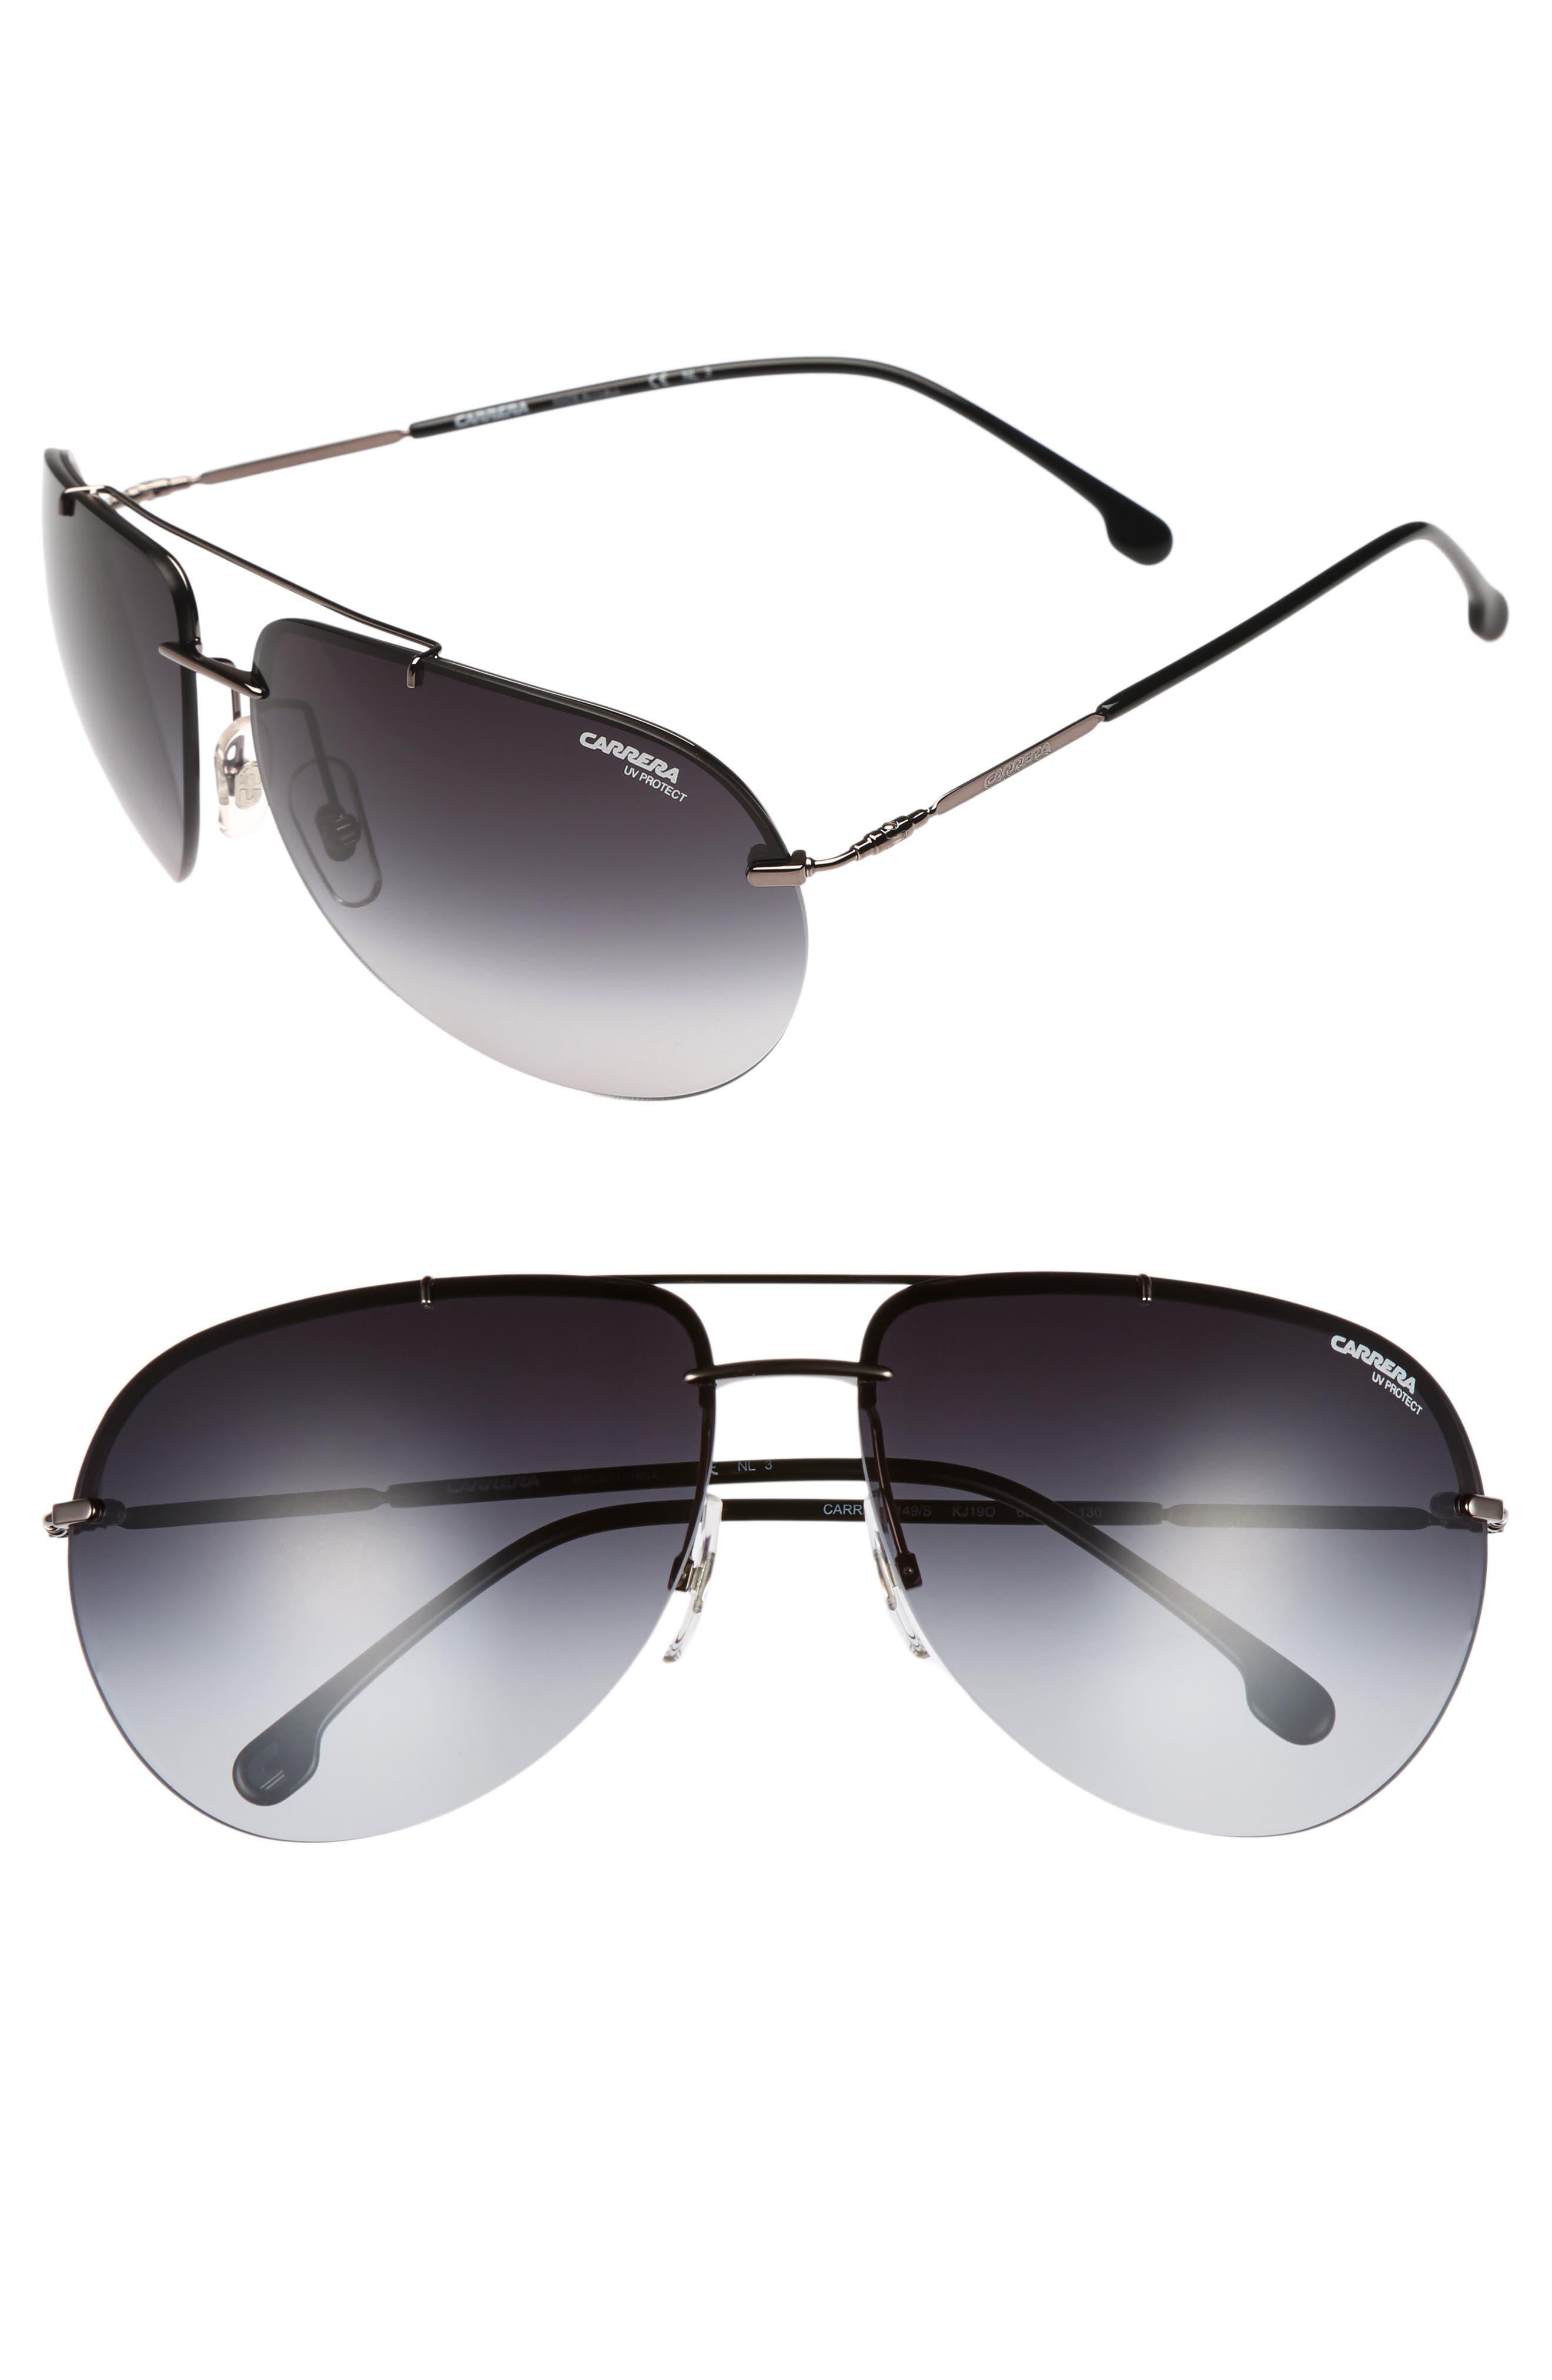 Carrera Eyewear 149S 65Mm Polarized Aviator Sunglasses - Dark Ruthenium / Gray Gradient